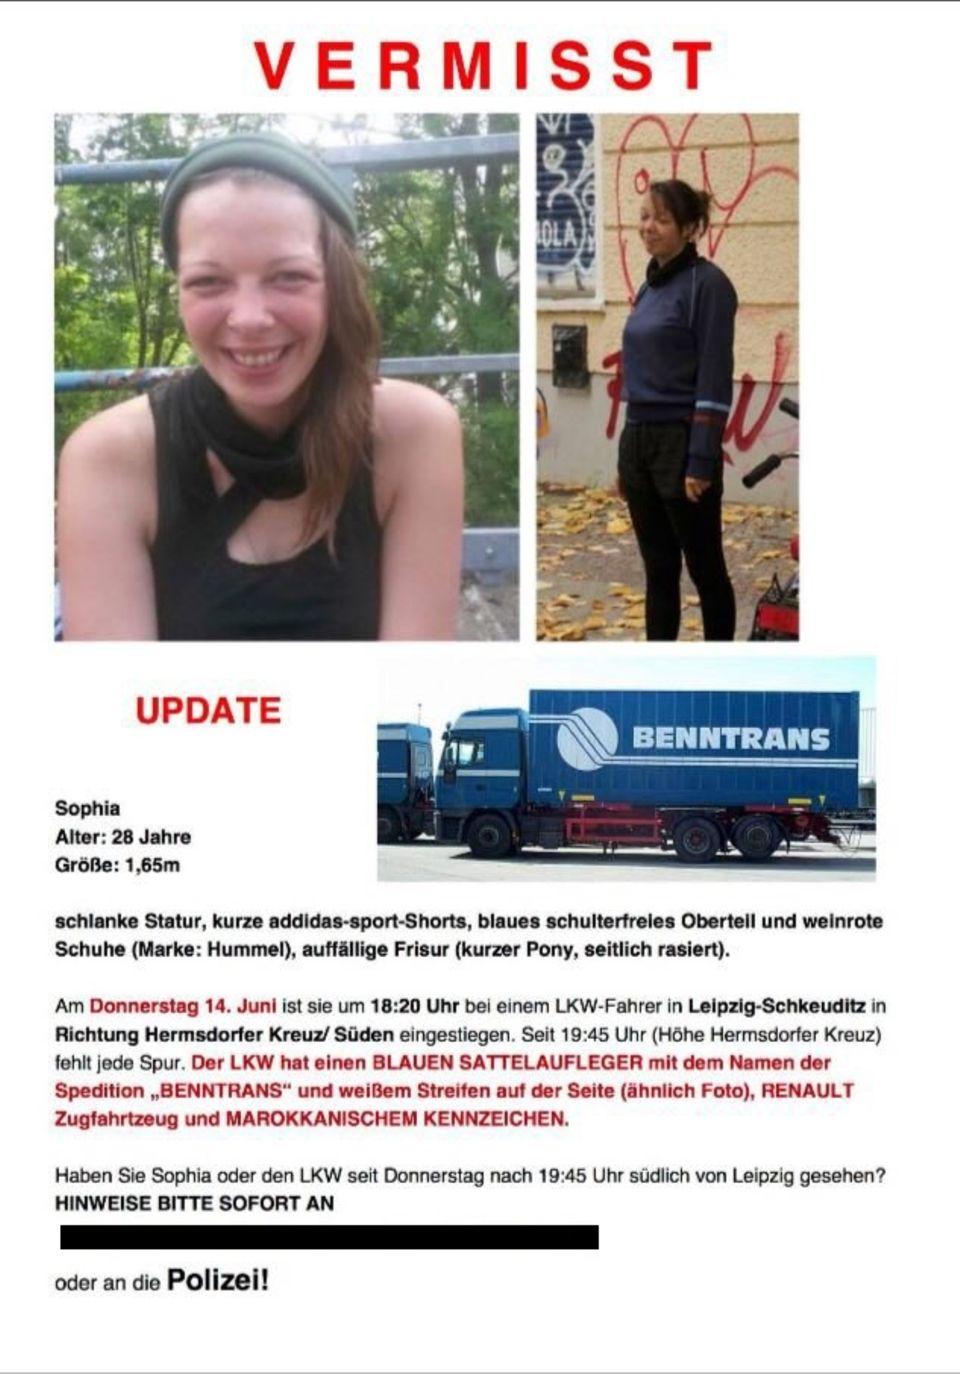 Angehörige und Freunde suchen in sozialen Netzwerken nach Sophia L.